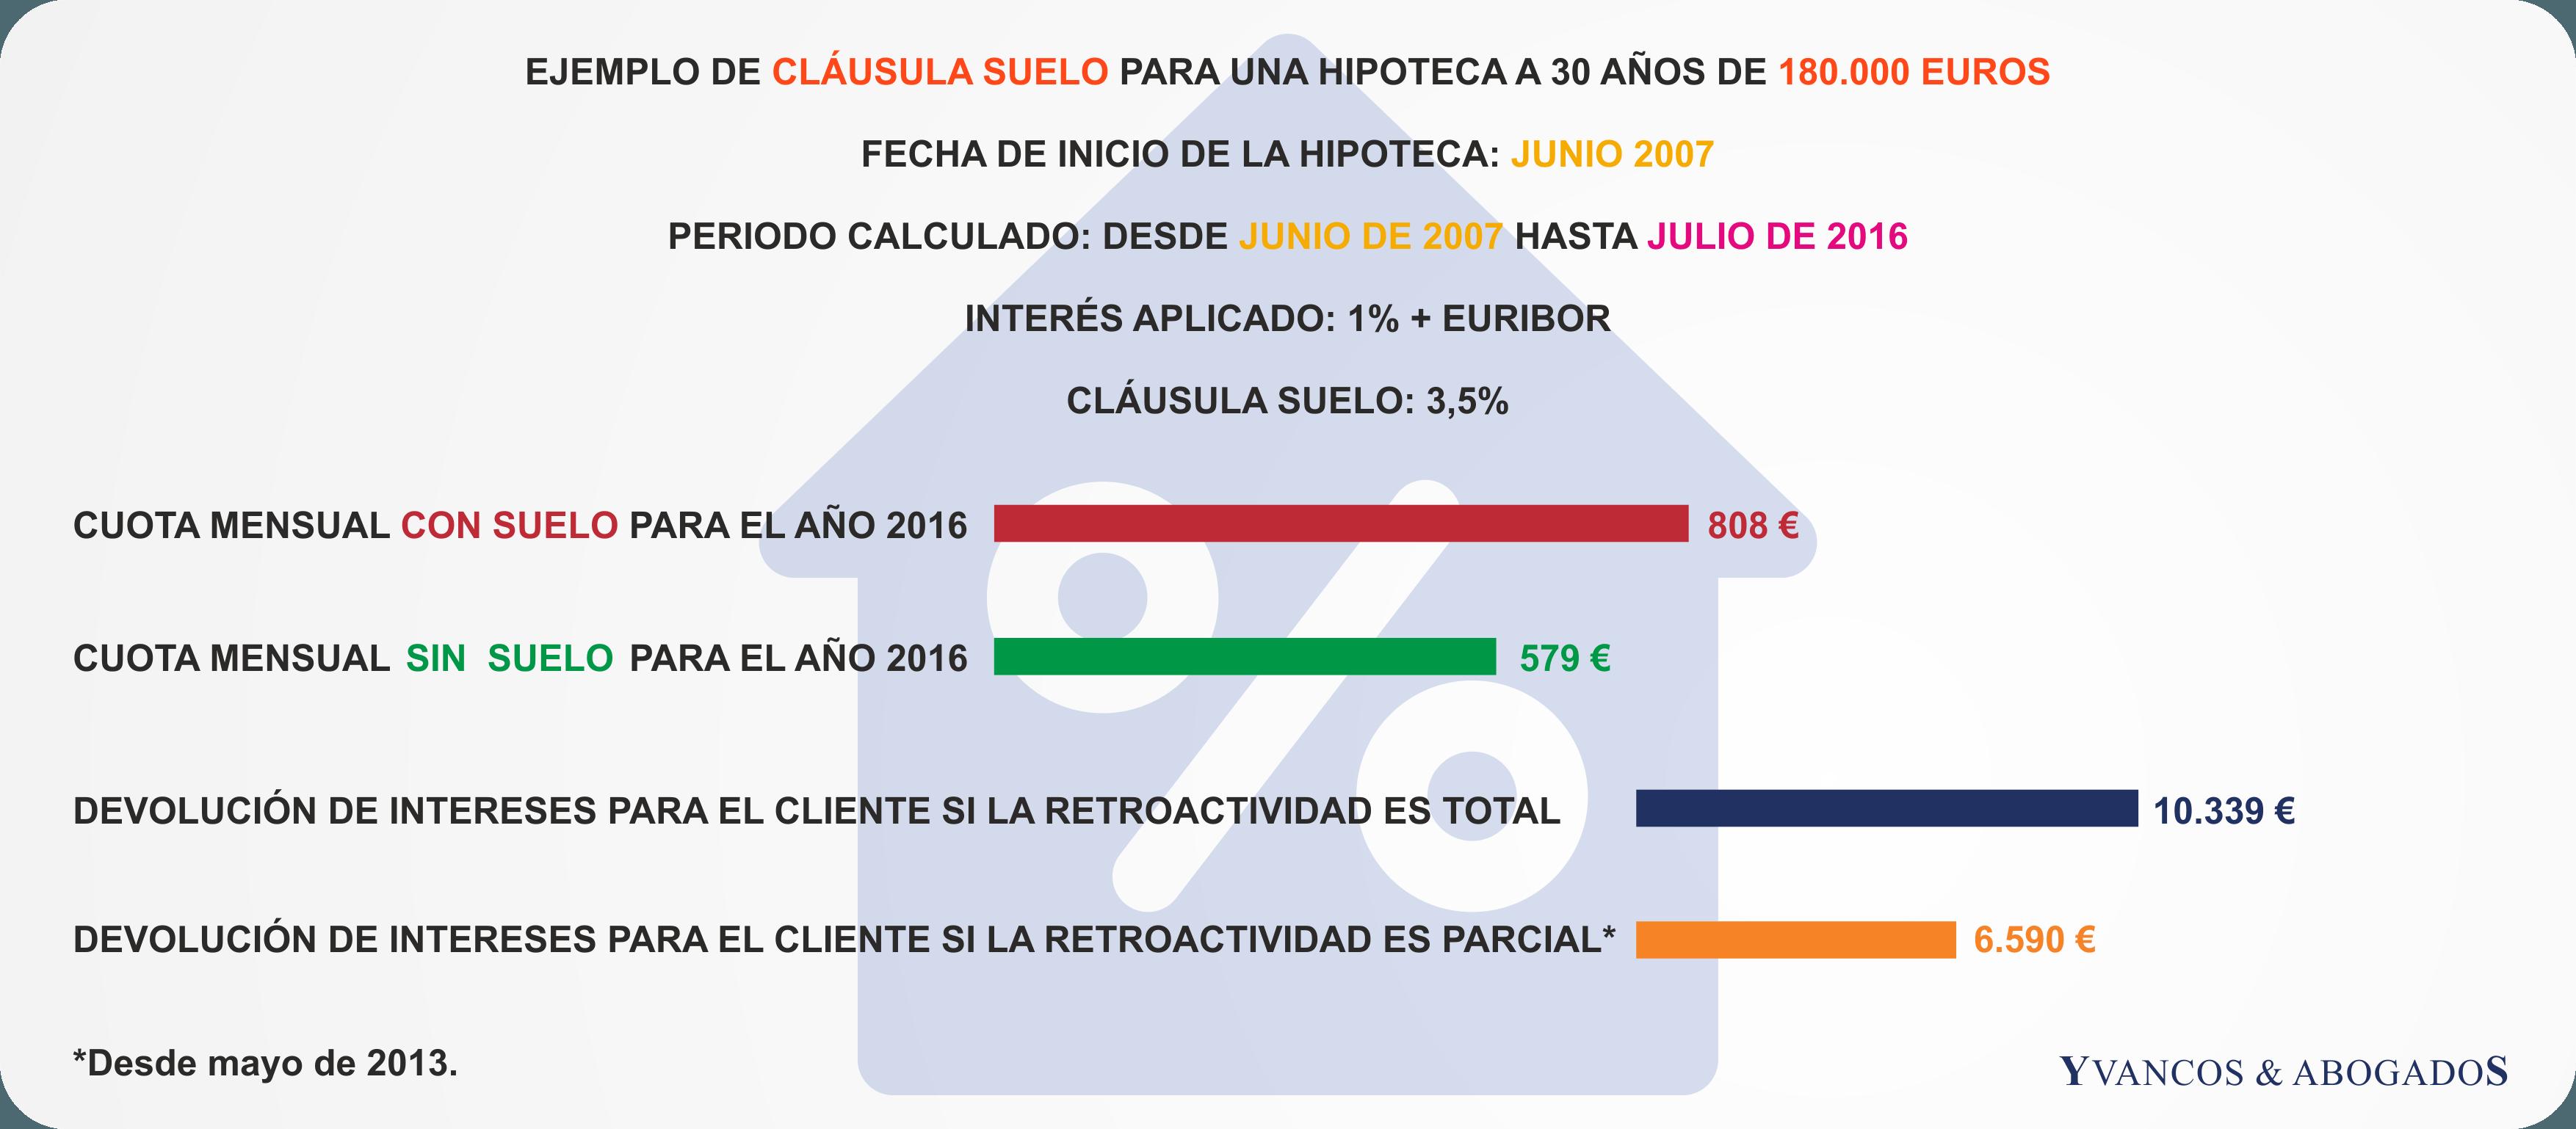 Nueva sentencia de cl usula suelo con retroactividad total for Clausula suelo popular 2016